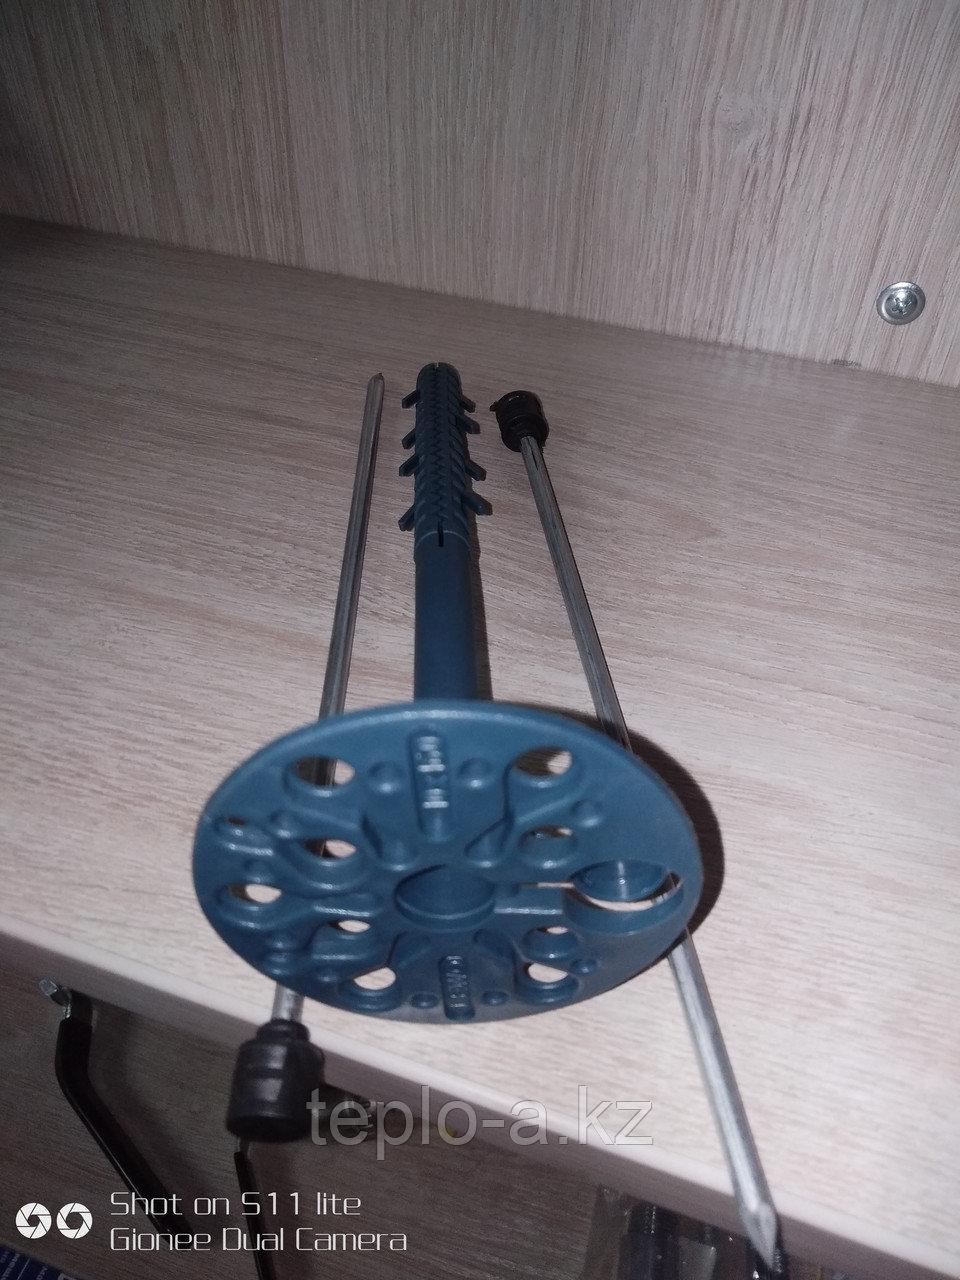 Дюбель пластиковый с Металлическим гвоздь 10-220 мм синие . С Термоголовой.